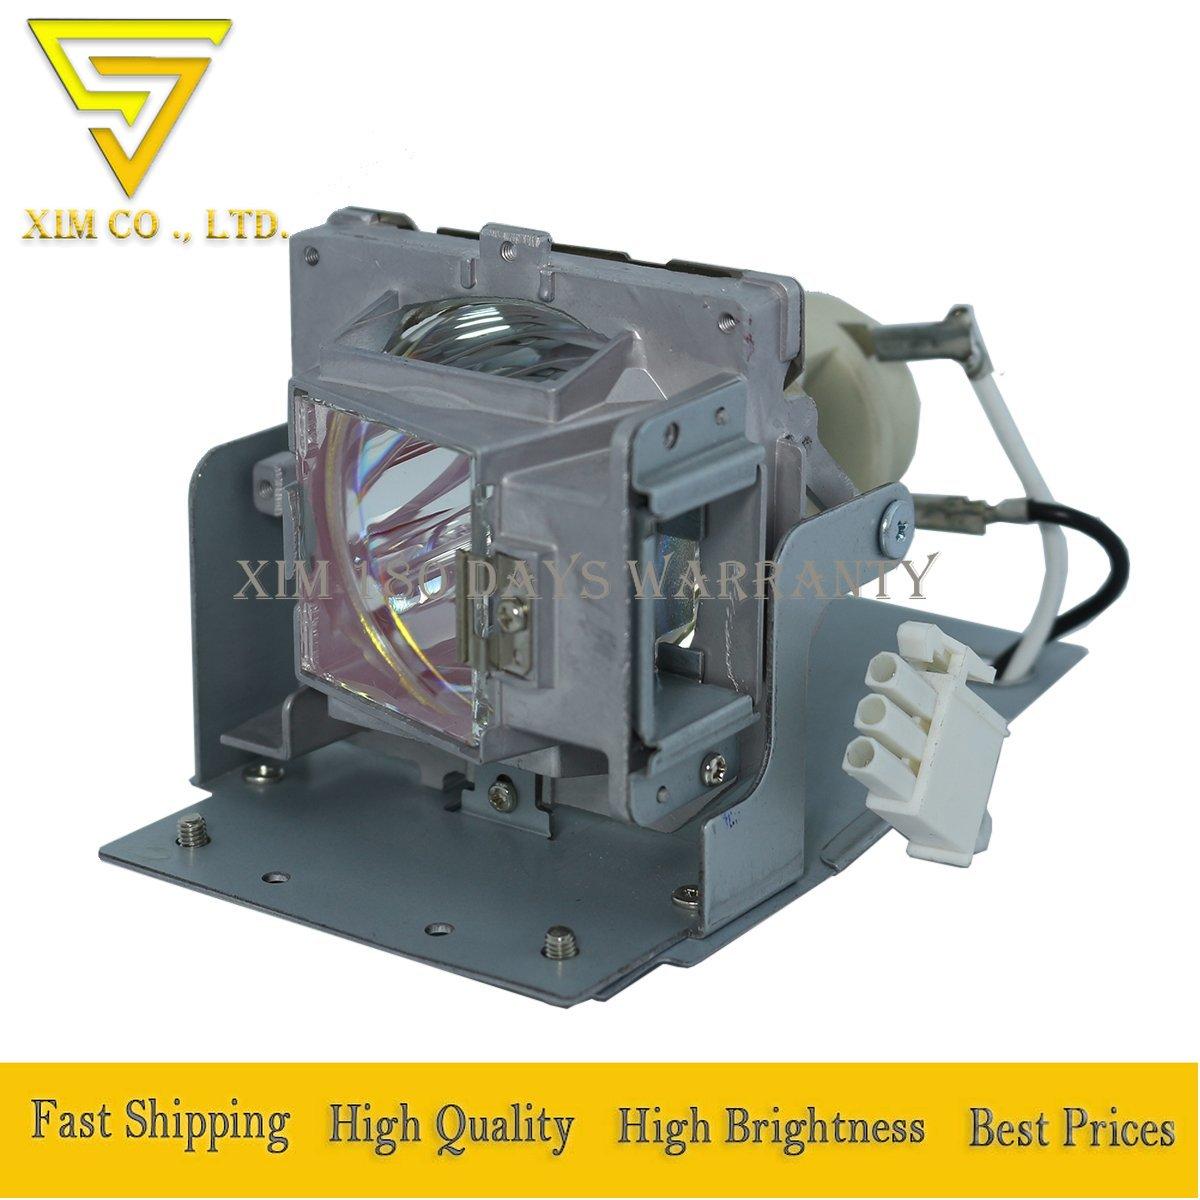 5811118154-SVV Replacement Projector Lamp For VIVITEK D548 D548HA D54HA D551 D552 D553 D554 D555 D555WH D557W D557WH MW1301F